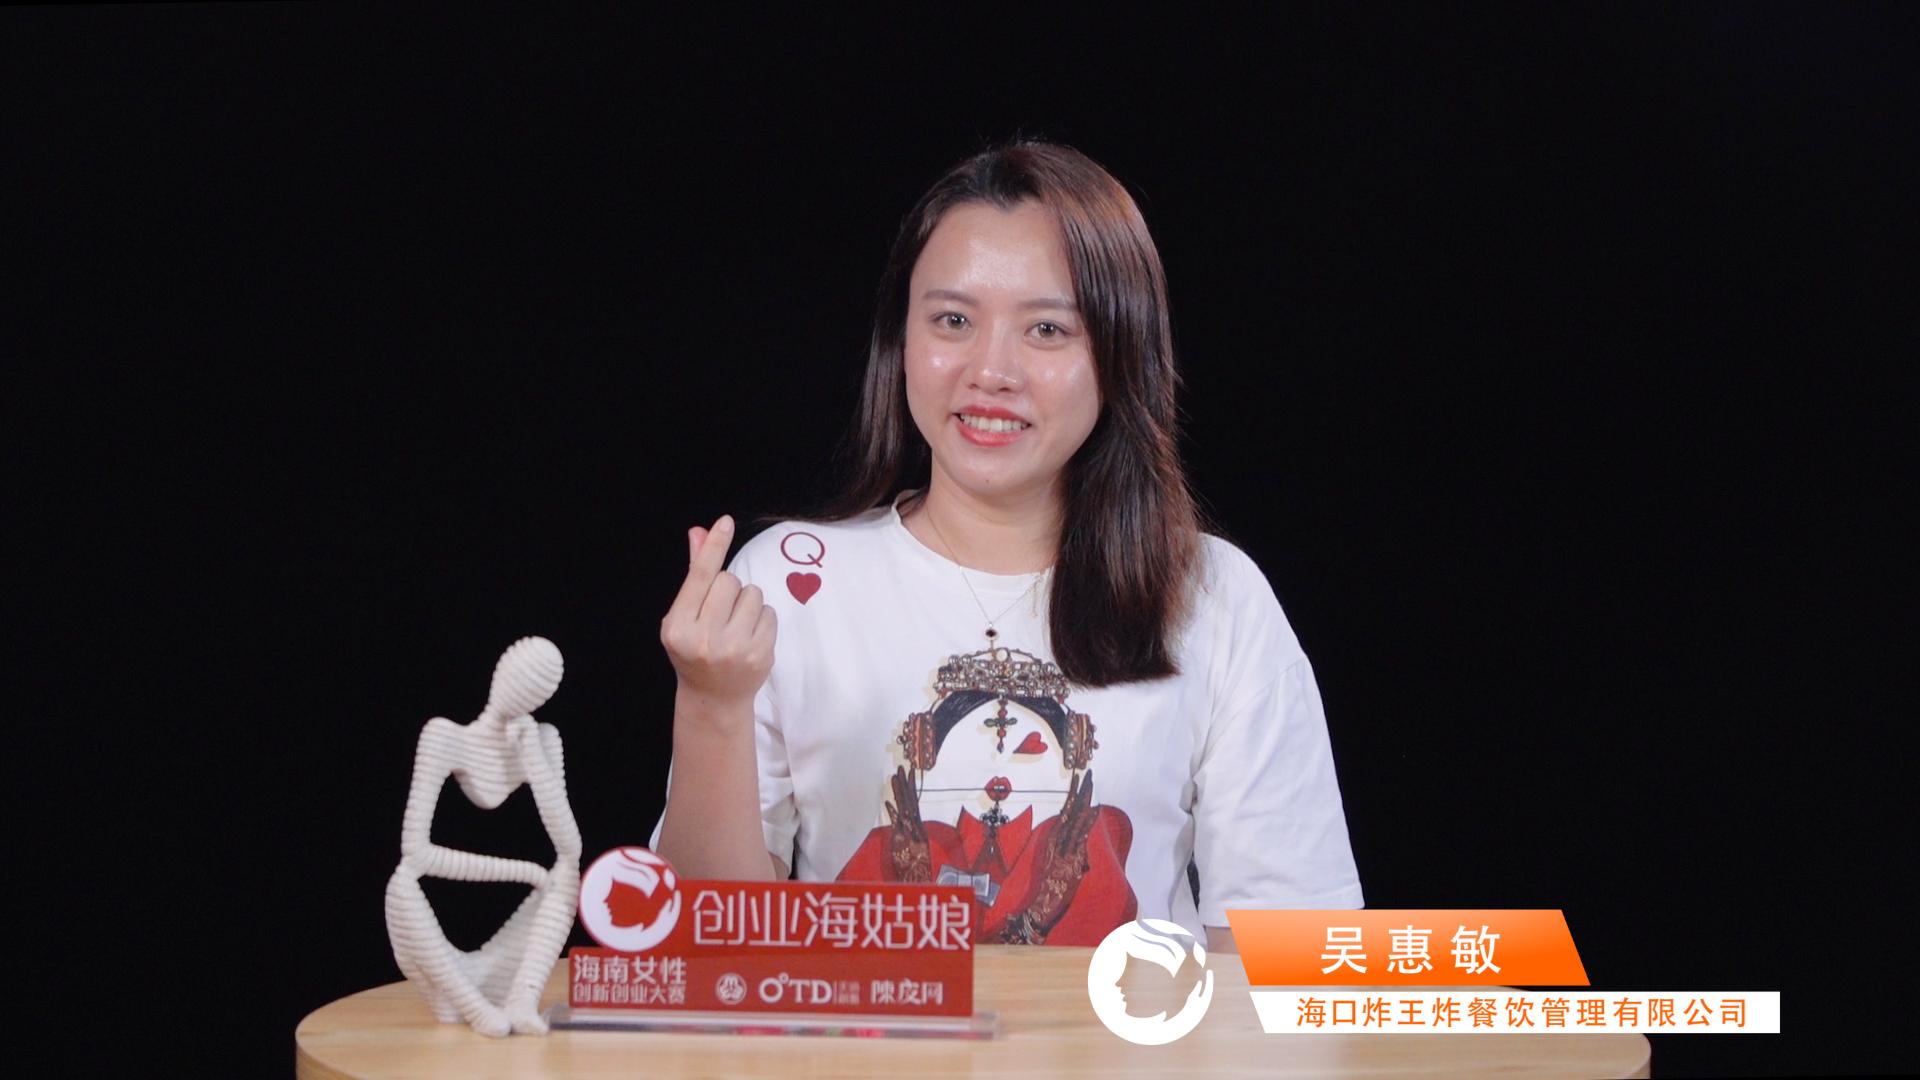 创业海姑娘 炸王炸吴惠敏,弘扬海南美食文化